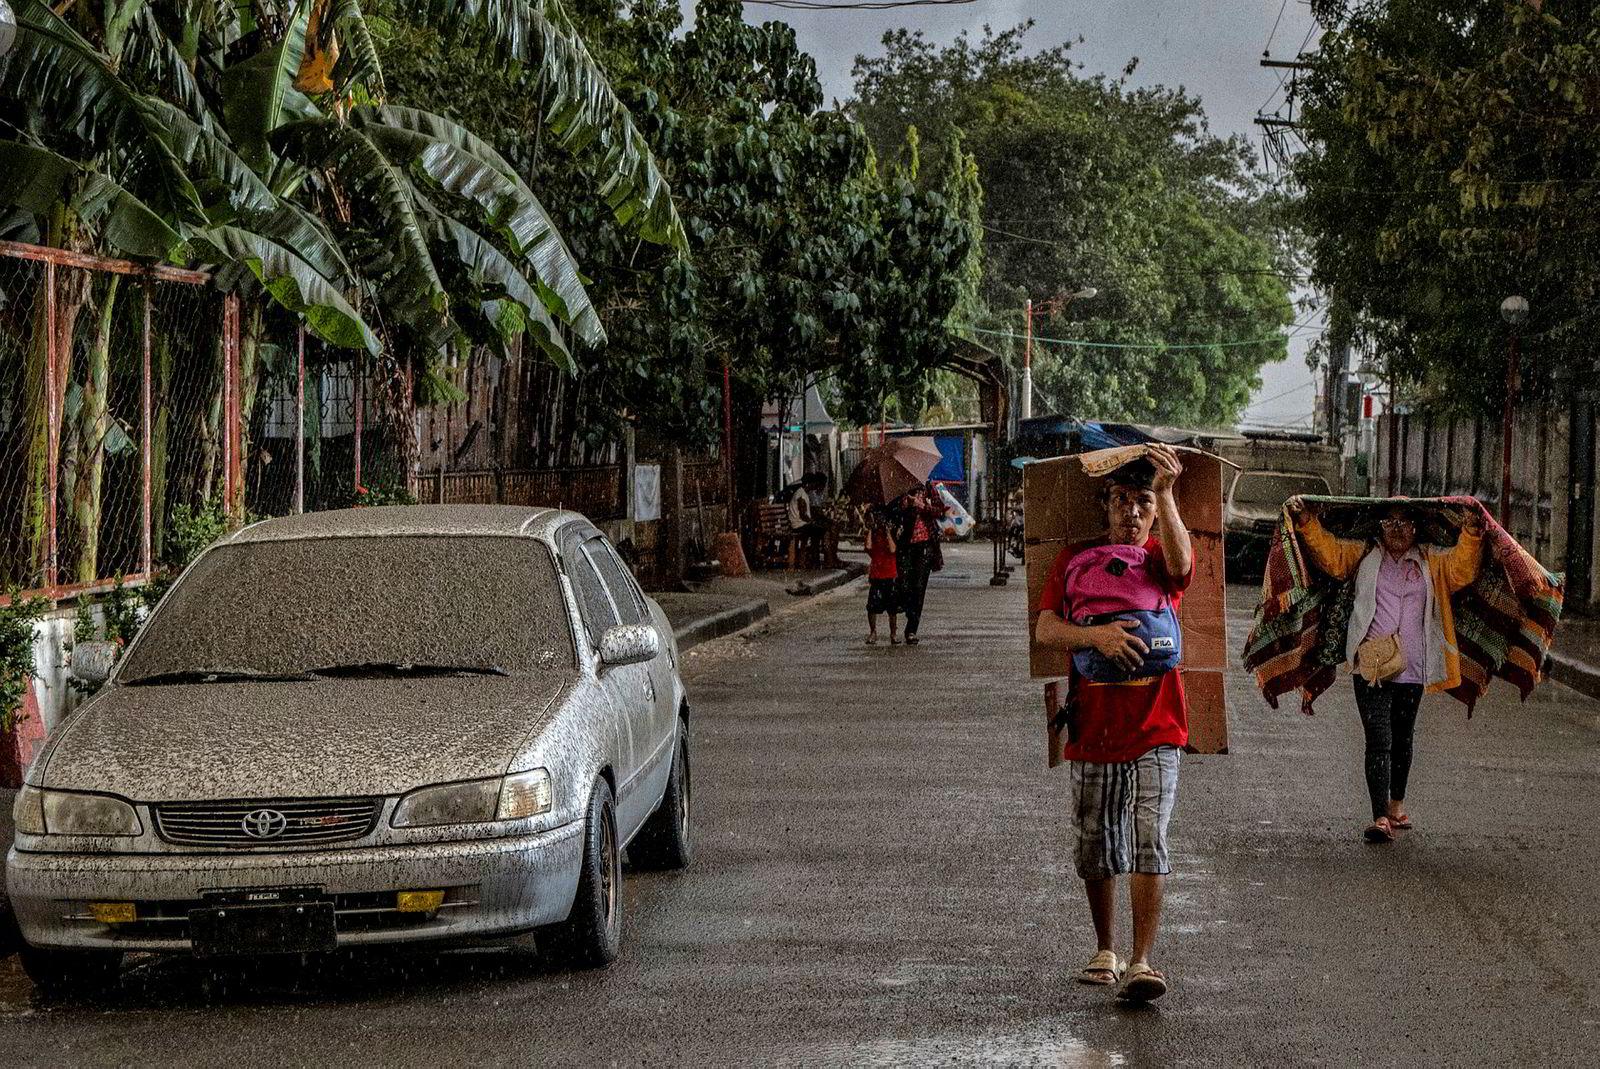 Innbyggere som går langs veien prøver å beskytte seg selv mot aske og rein.